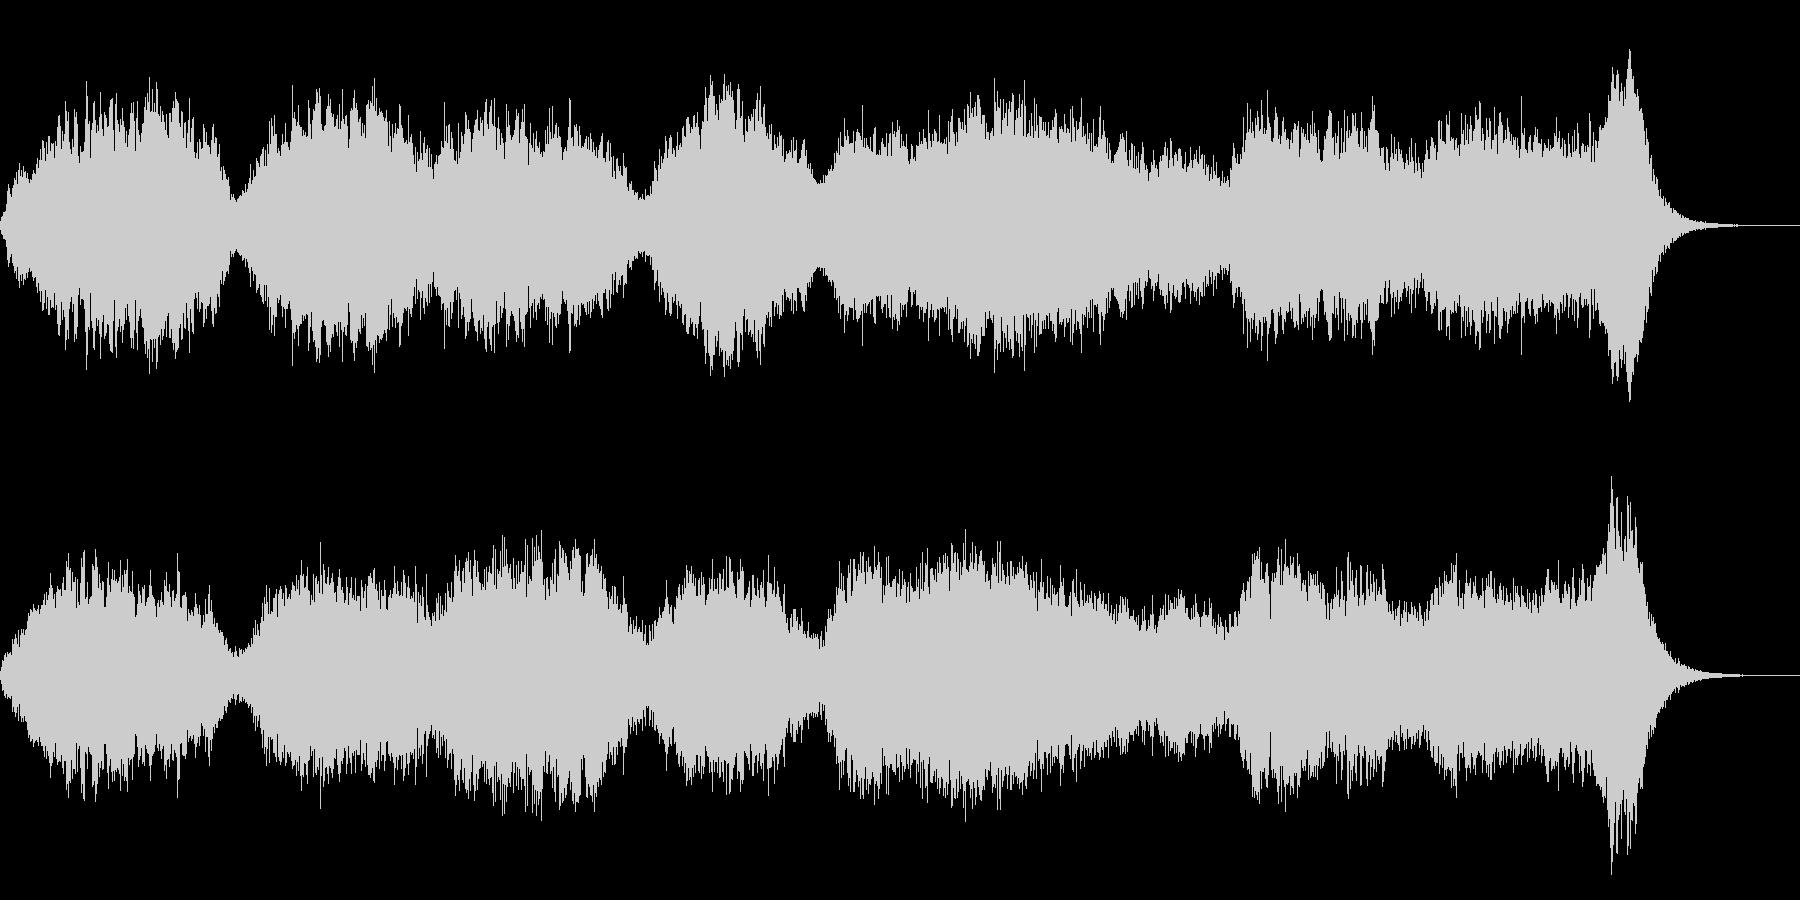 サスペンスホラーの不安感オーケストラの未再生の波形